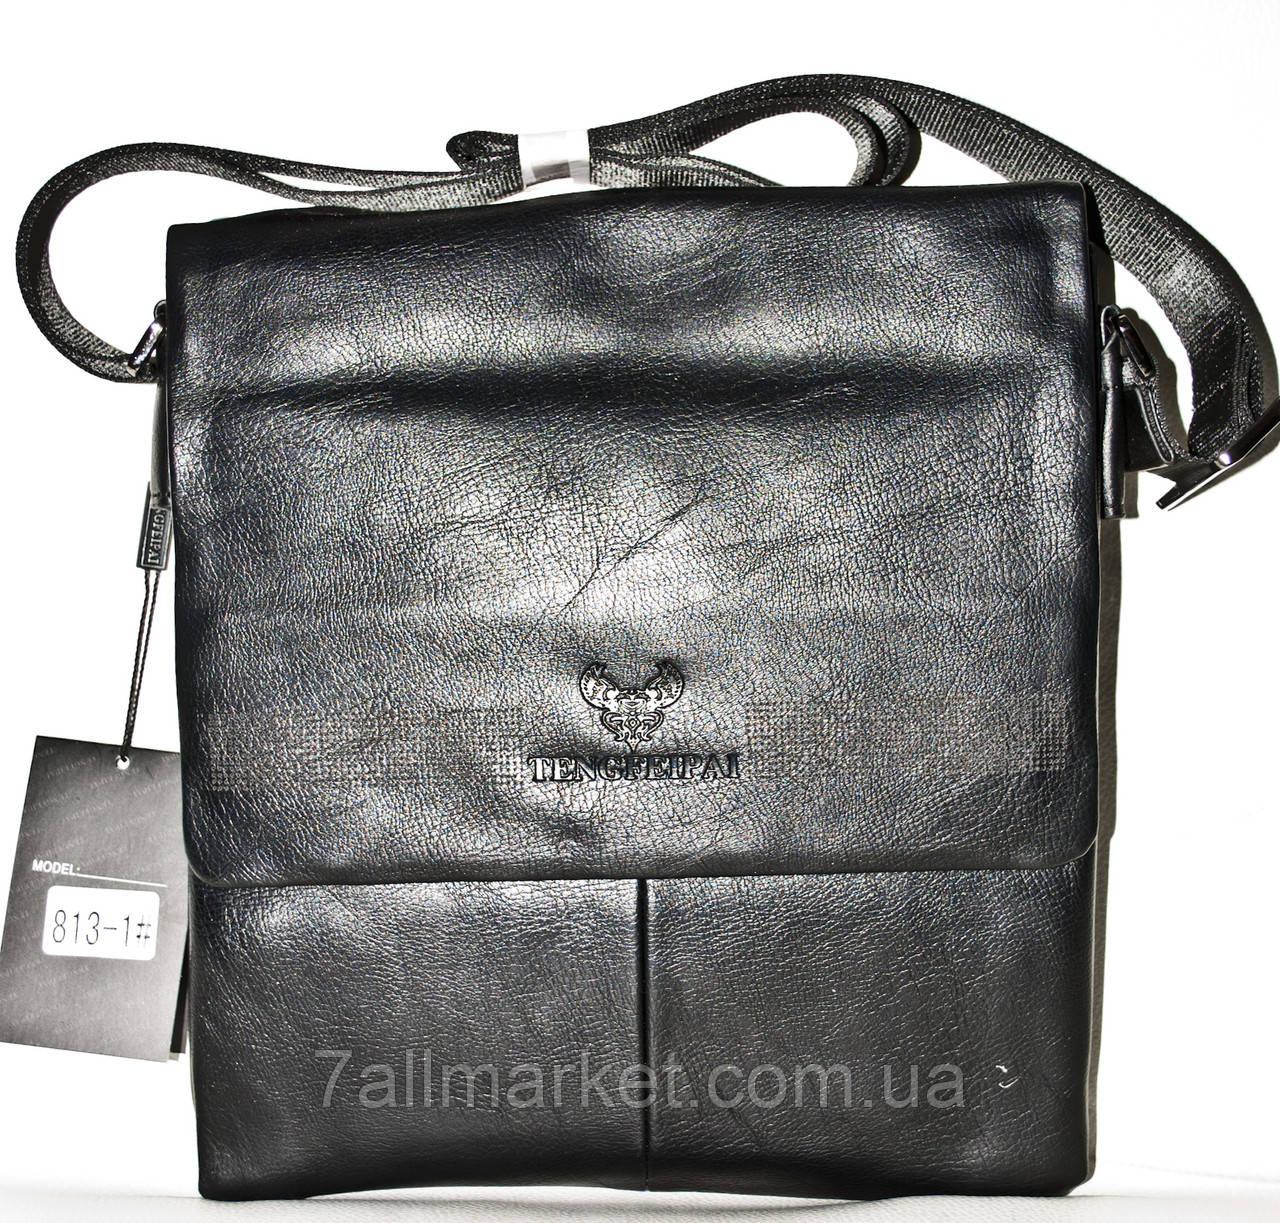 71ae0c34764e Сумка-планшетка мужская стильная кожзам (25*28 см), 1 цвета Серии ...